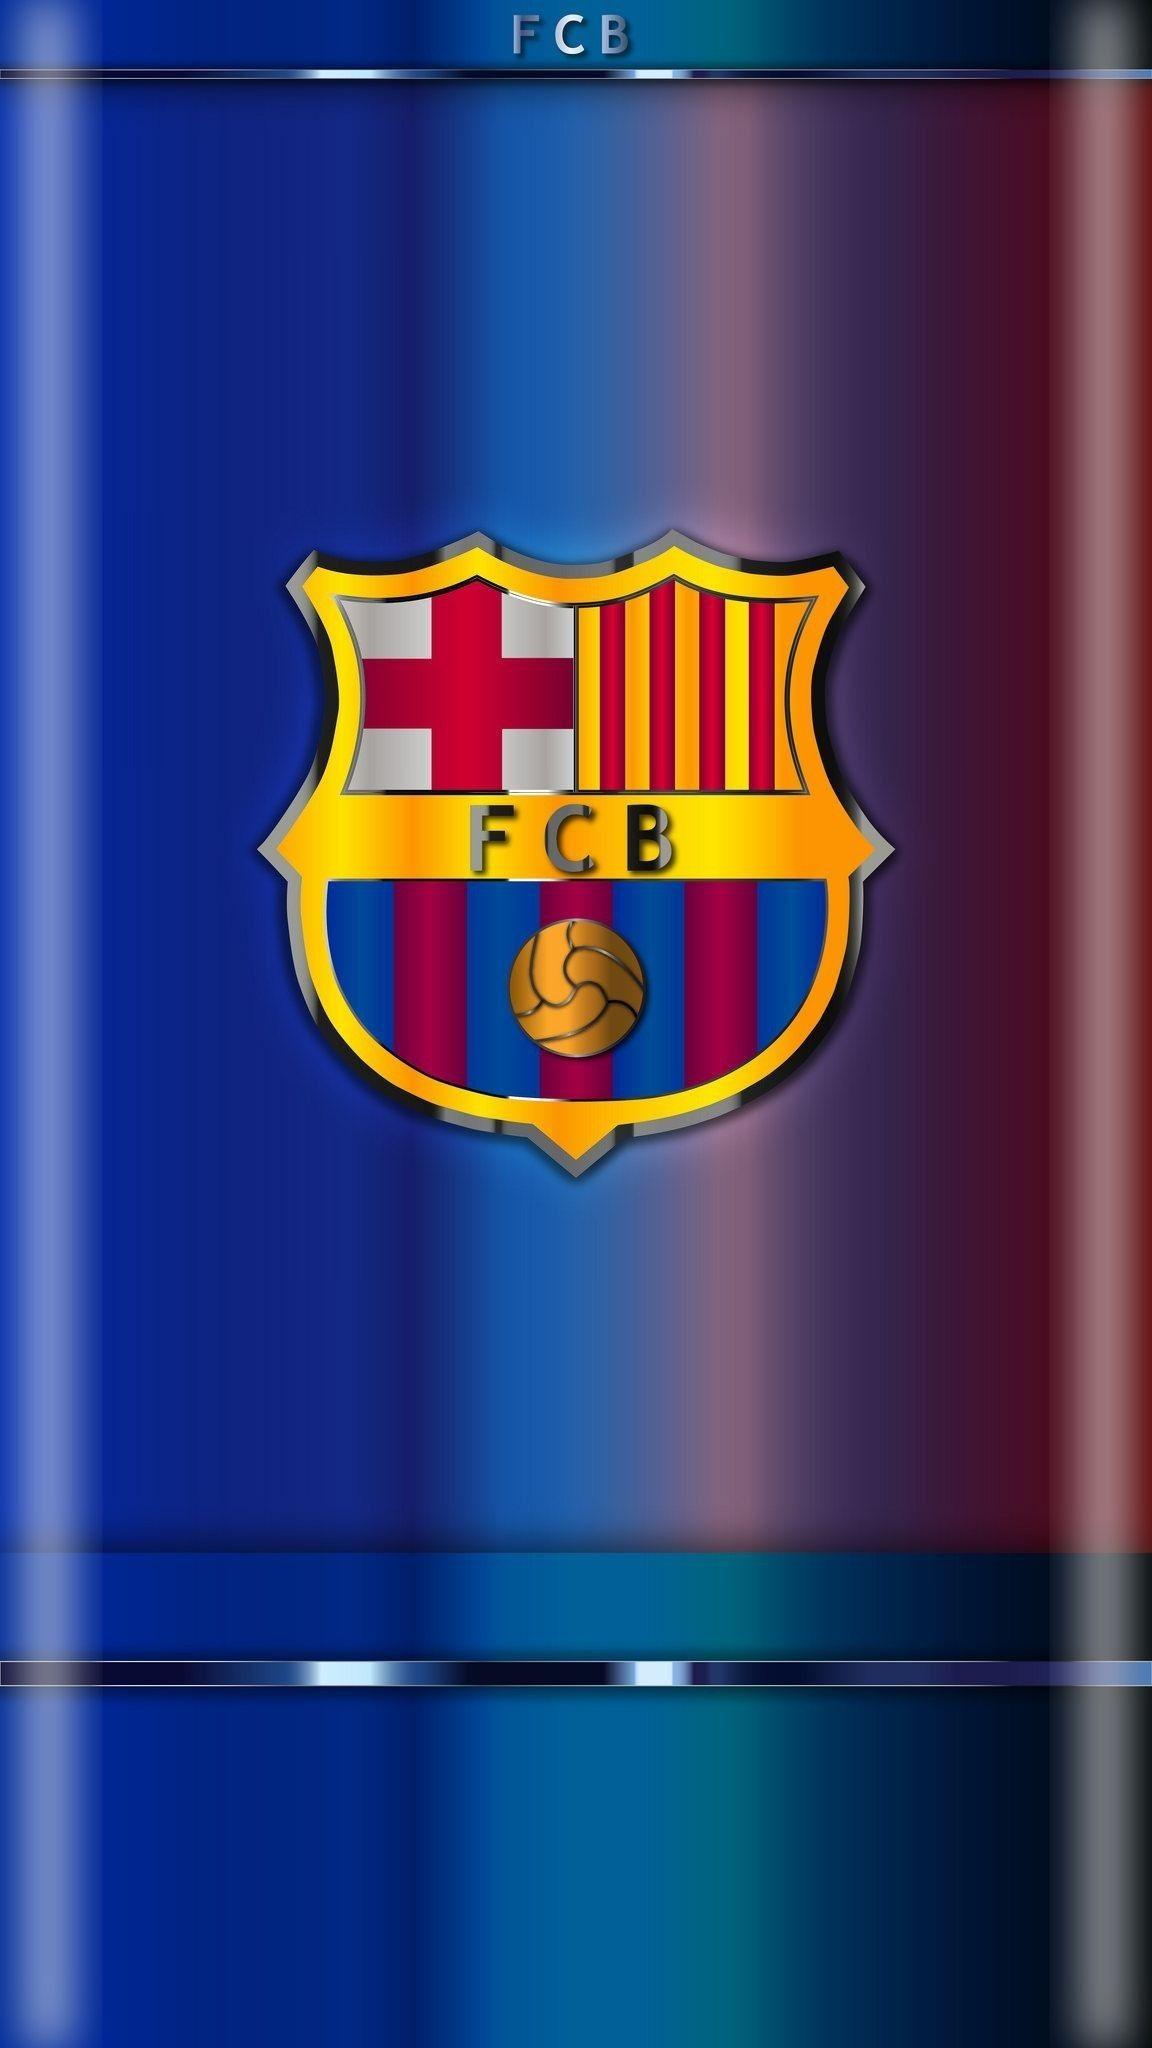 Fondos De Pantalla Hd Fondo De Pantalla Para Teléfonos Futbol Messi Mundo Futbol